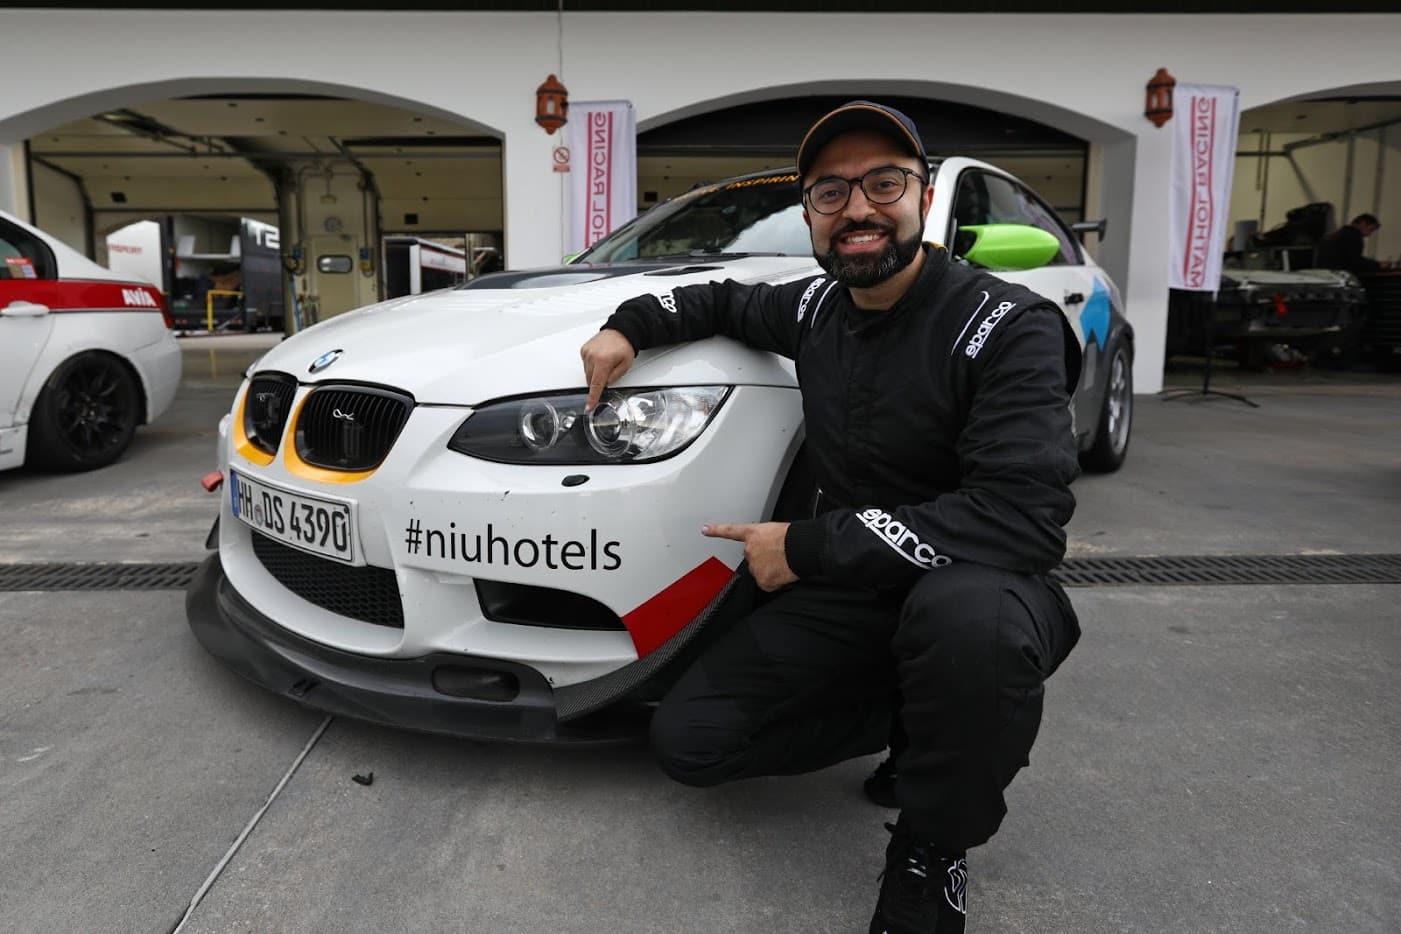 Welche Hotelkette hat schon einen CEO als Rennfahrer – niu Hotels mit eigenem Racing Car